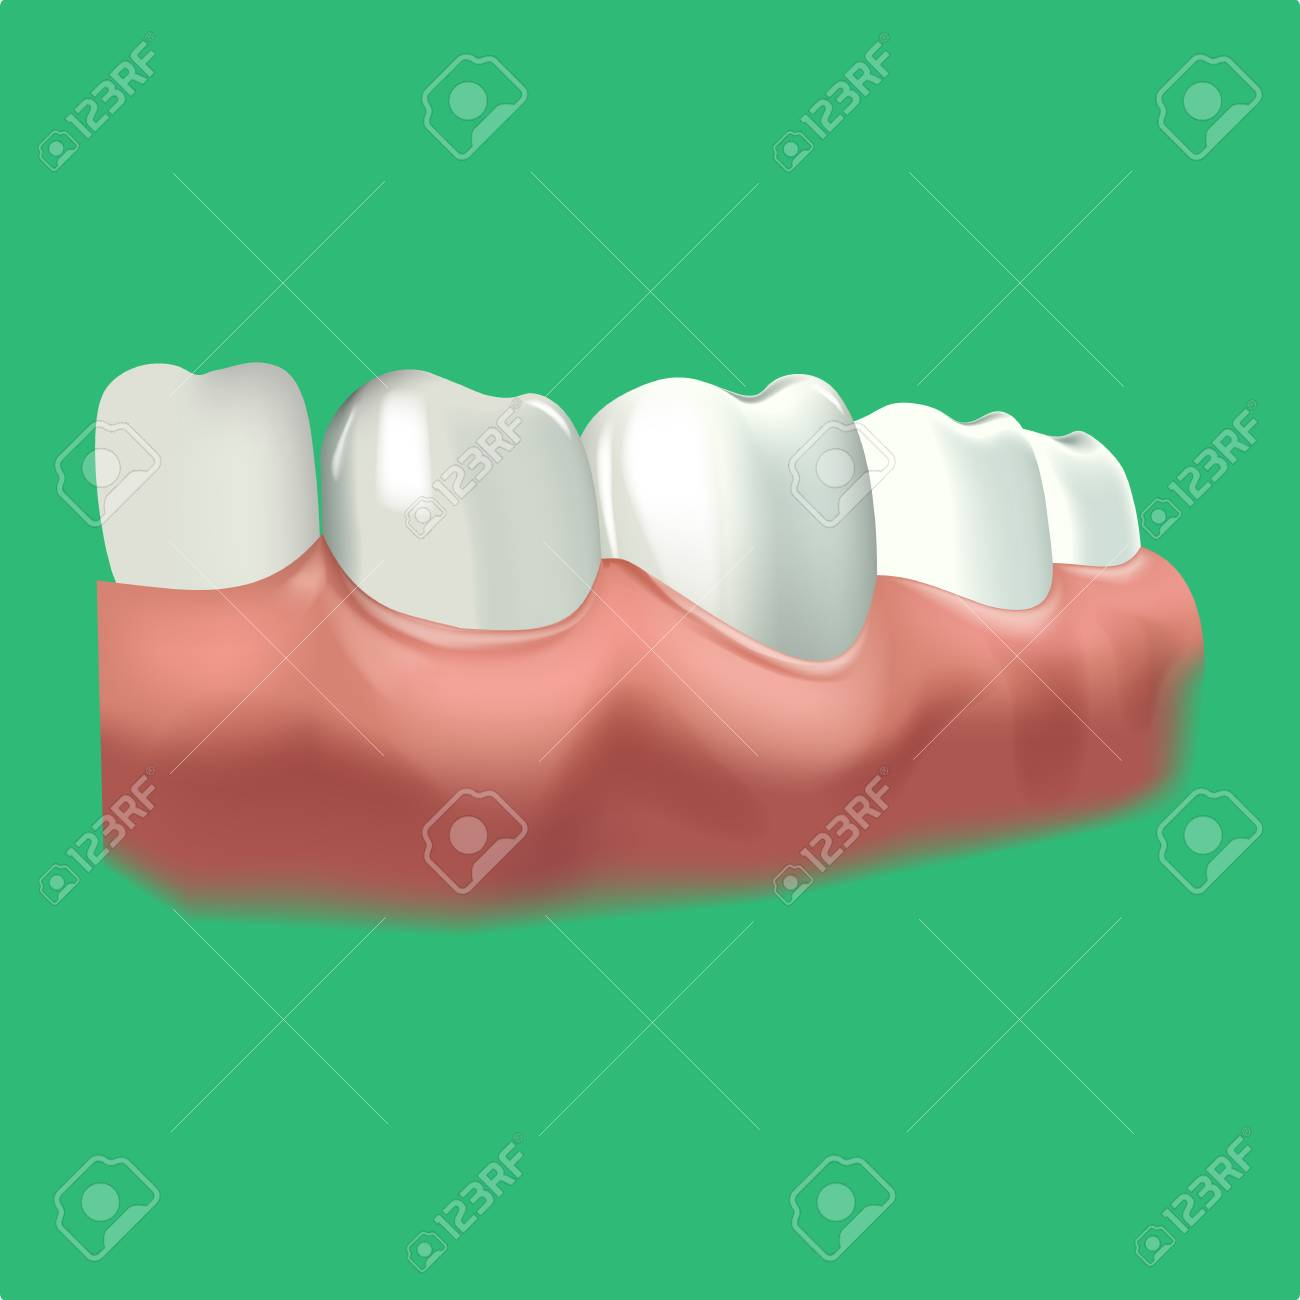 Menschliche Kauflächen Und Zahn. Vector Illustration Der ...